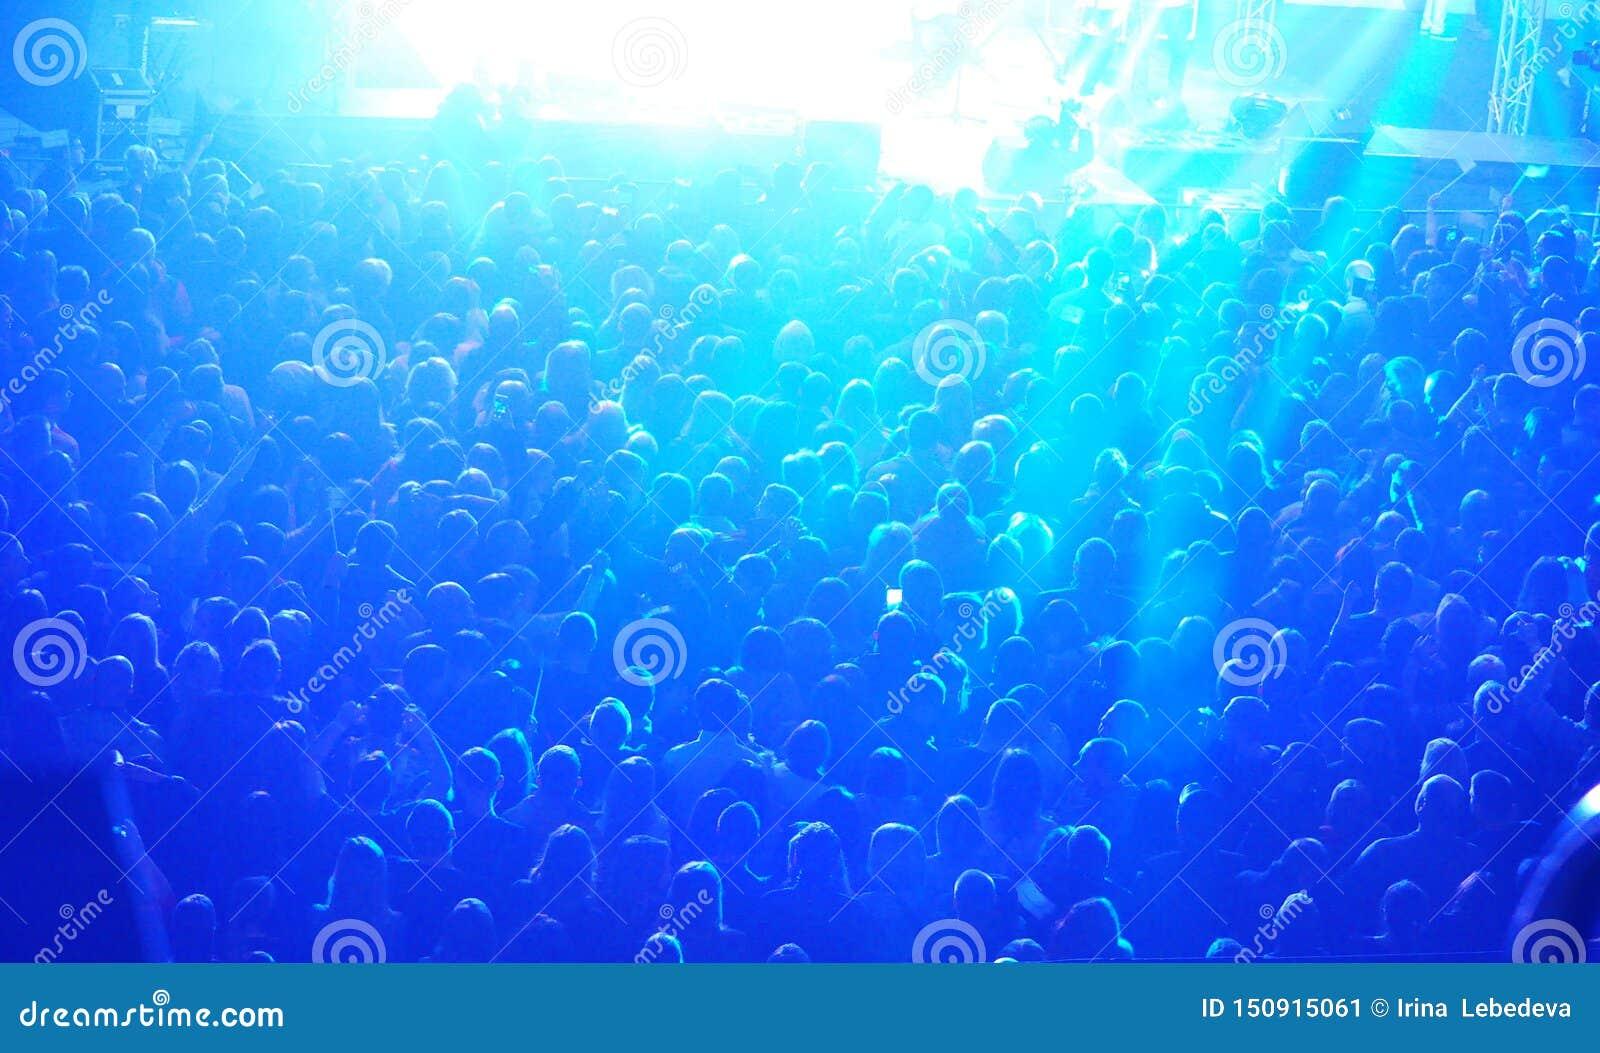 Ένα μεγάλο πλήθος των ανθρώπων στη συναυλία